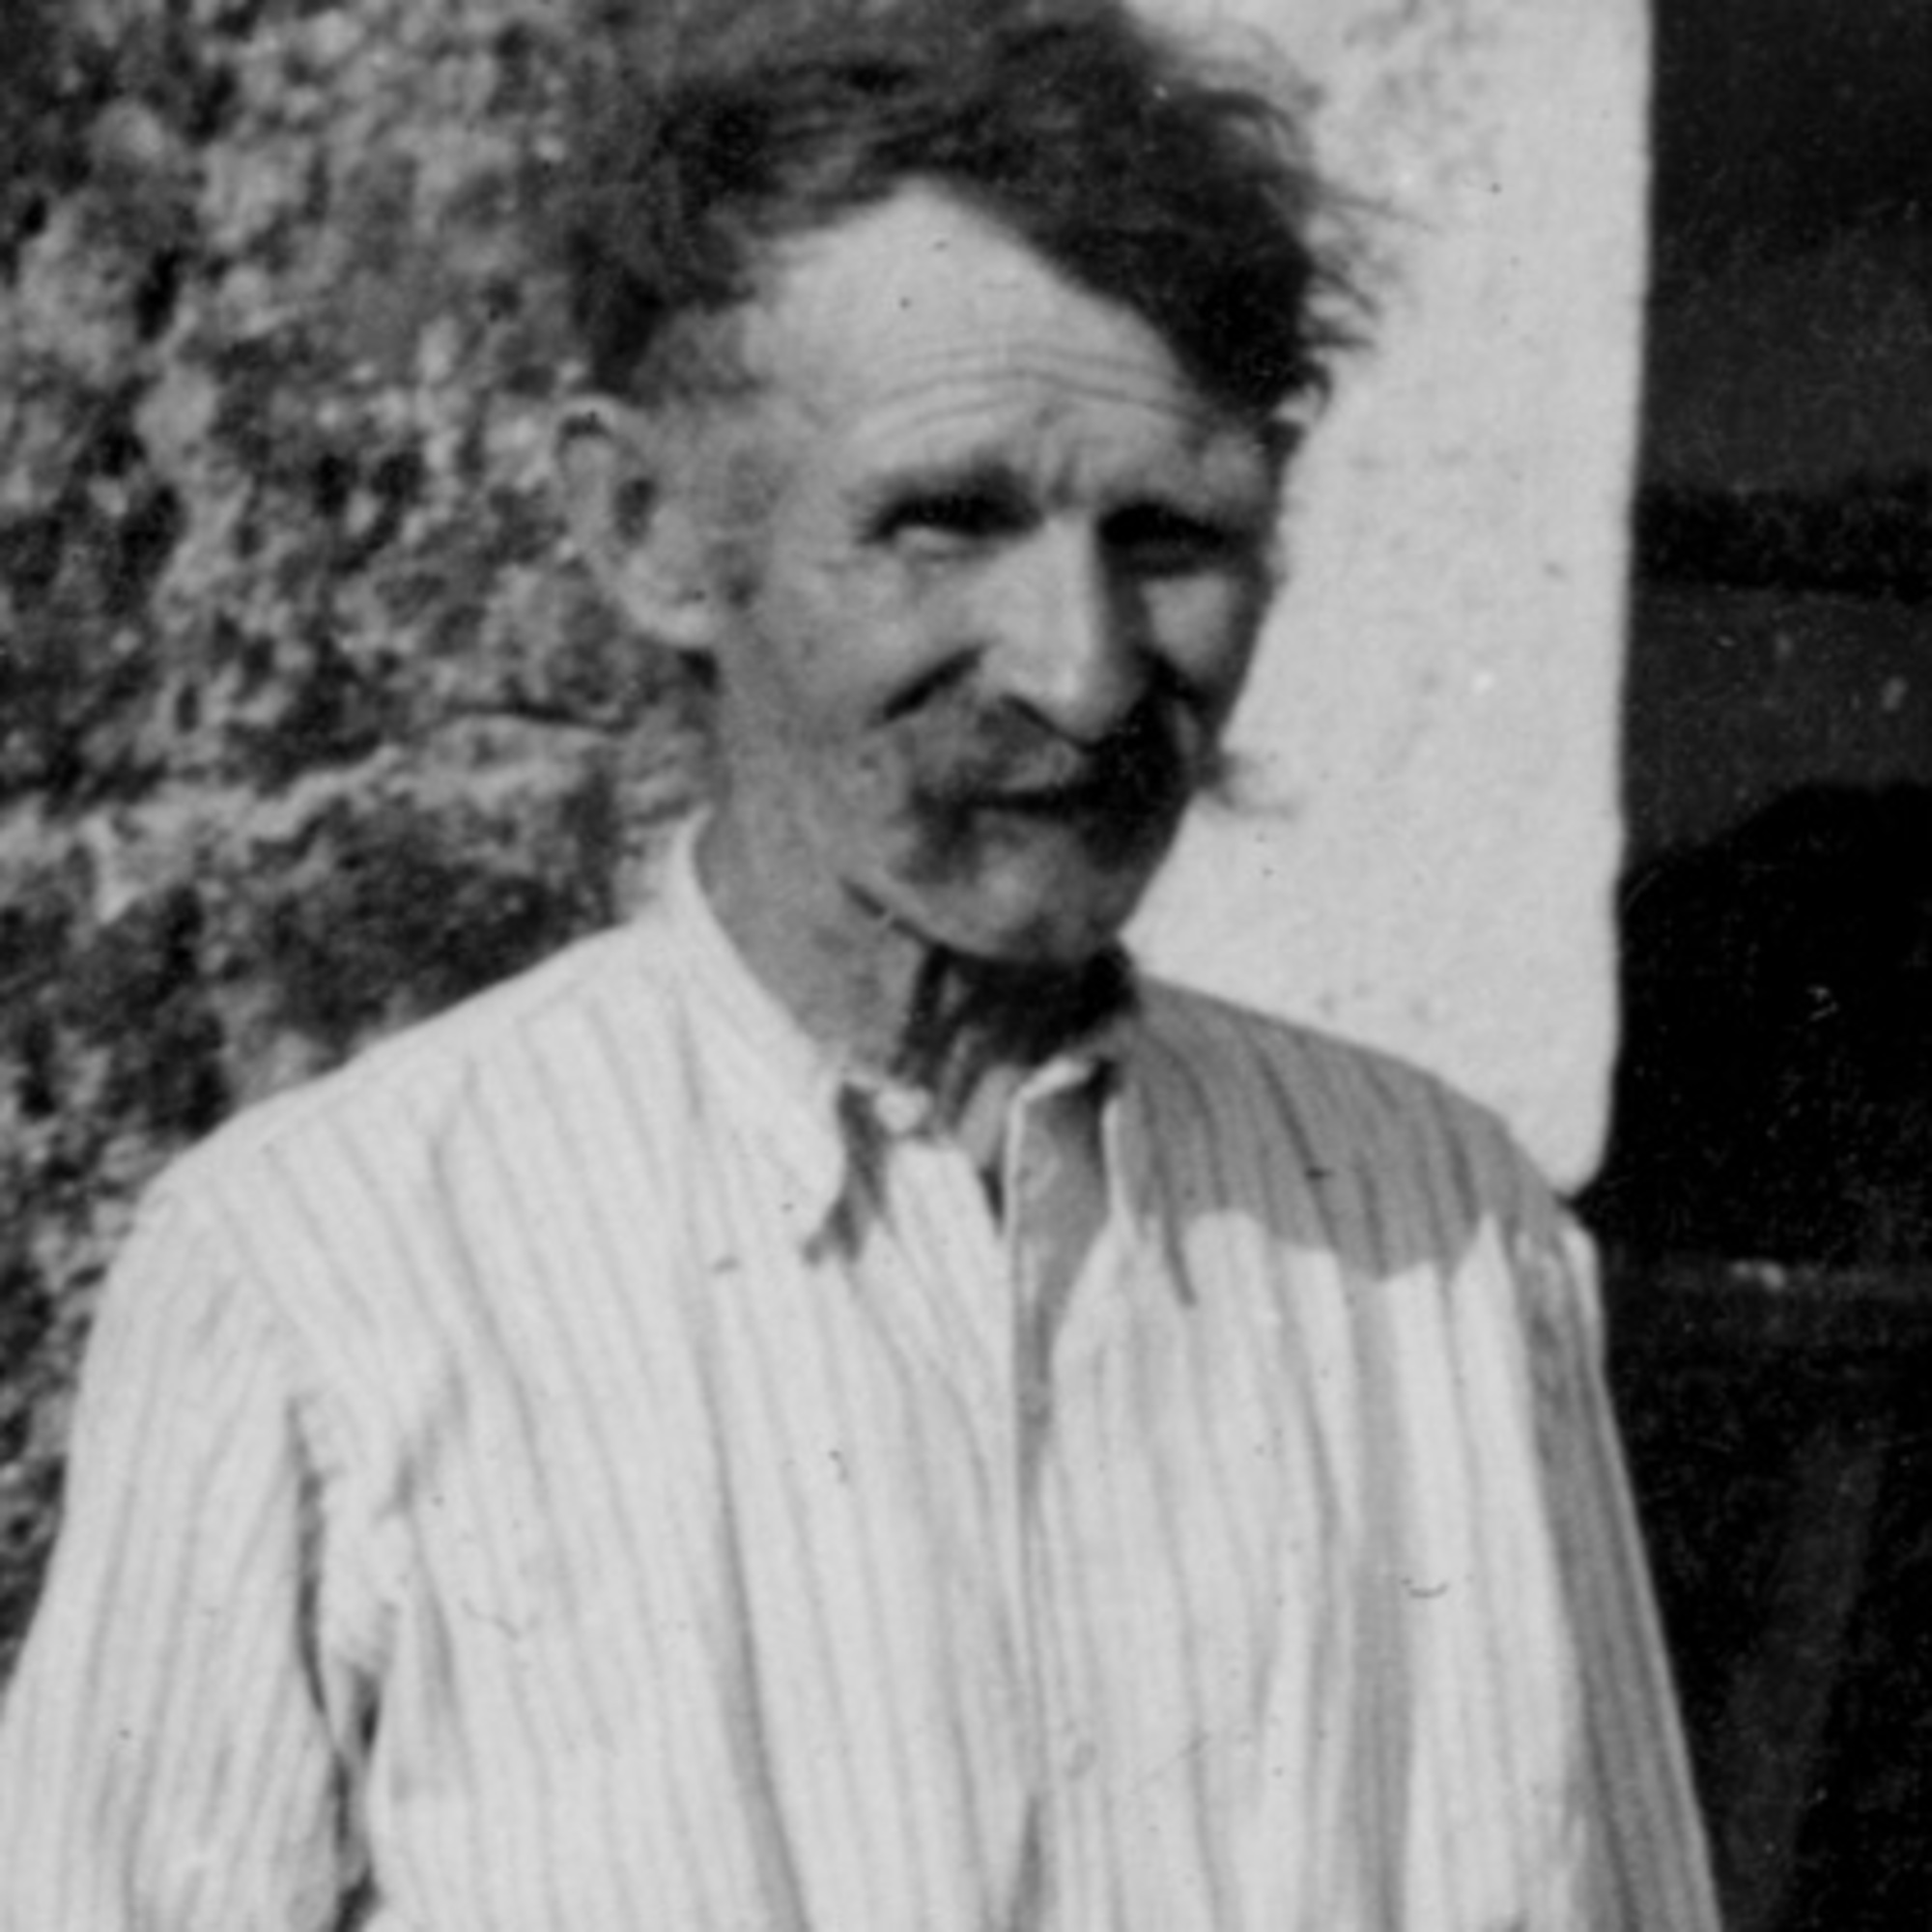 Louis Renaud portrait